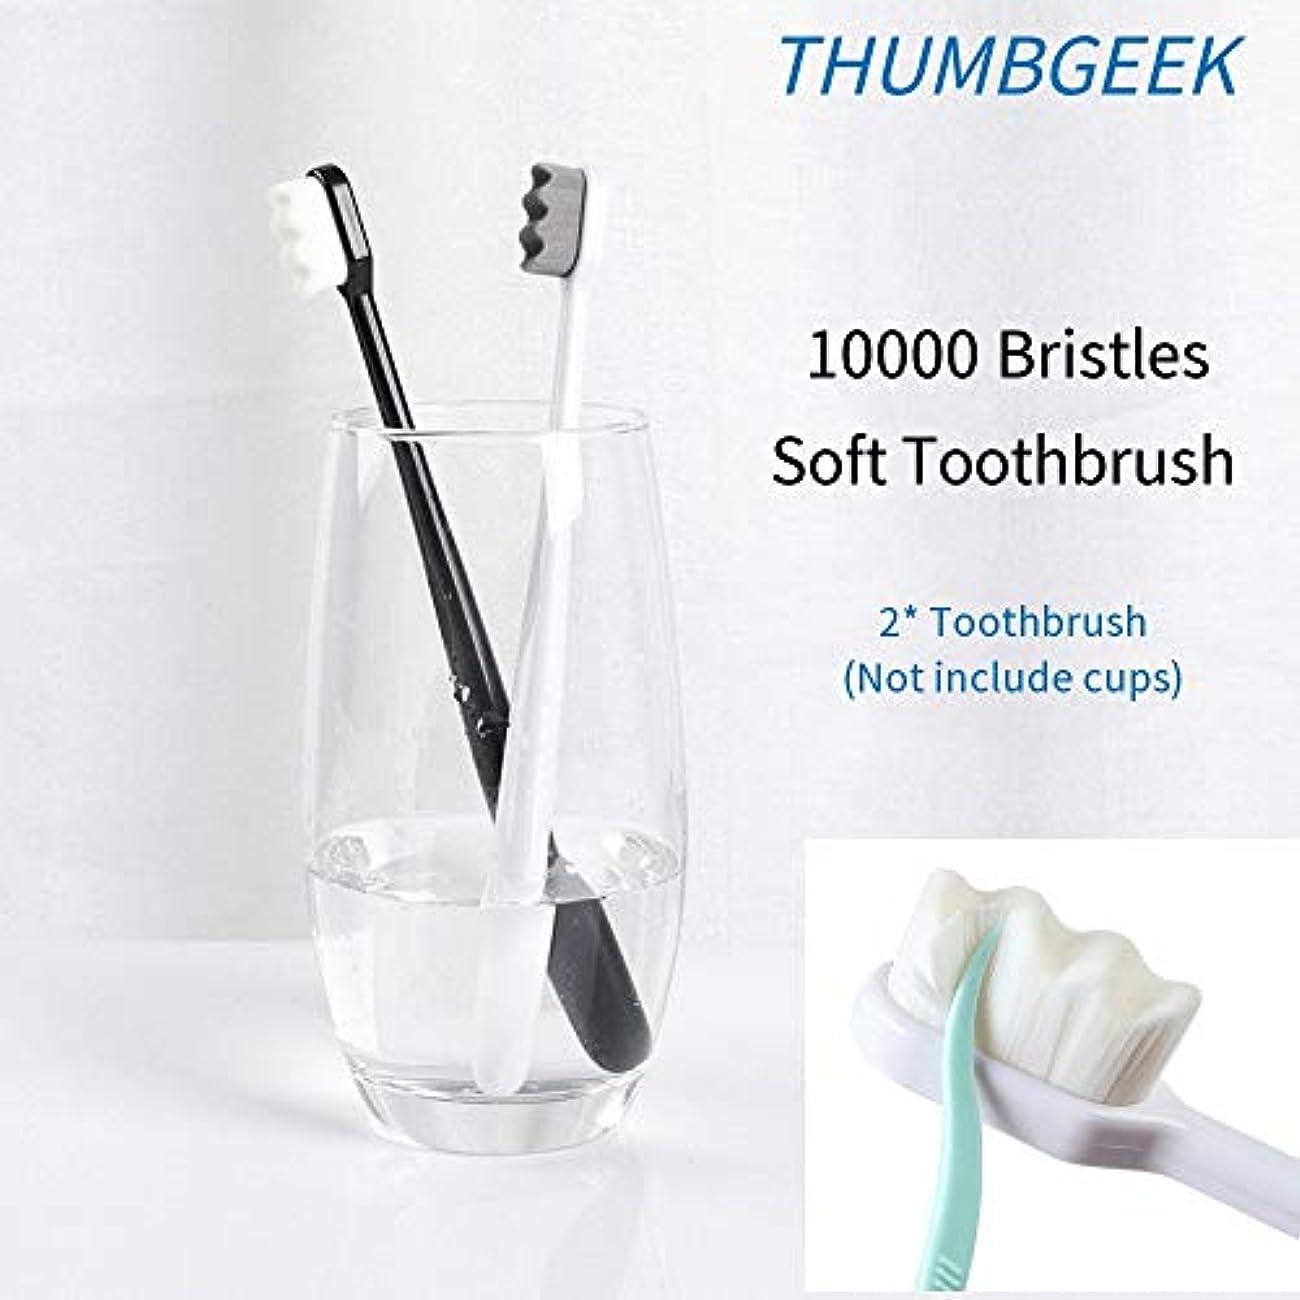 自我慣らすスケジュール2本の歯ブラシ、ウルトラソフト歯ブラシ、家族の妊娠中の女性用、年配の看護の歯肉に敏感なディープマウスクリーンオーラルケア、手動歯ブラシ